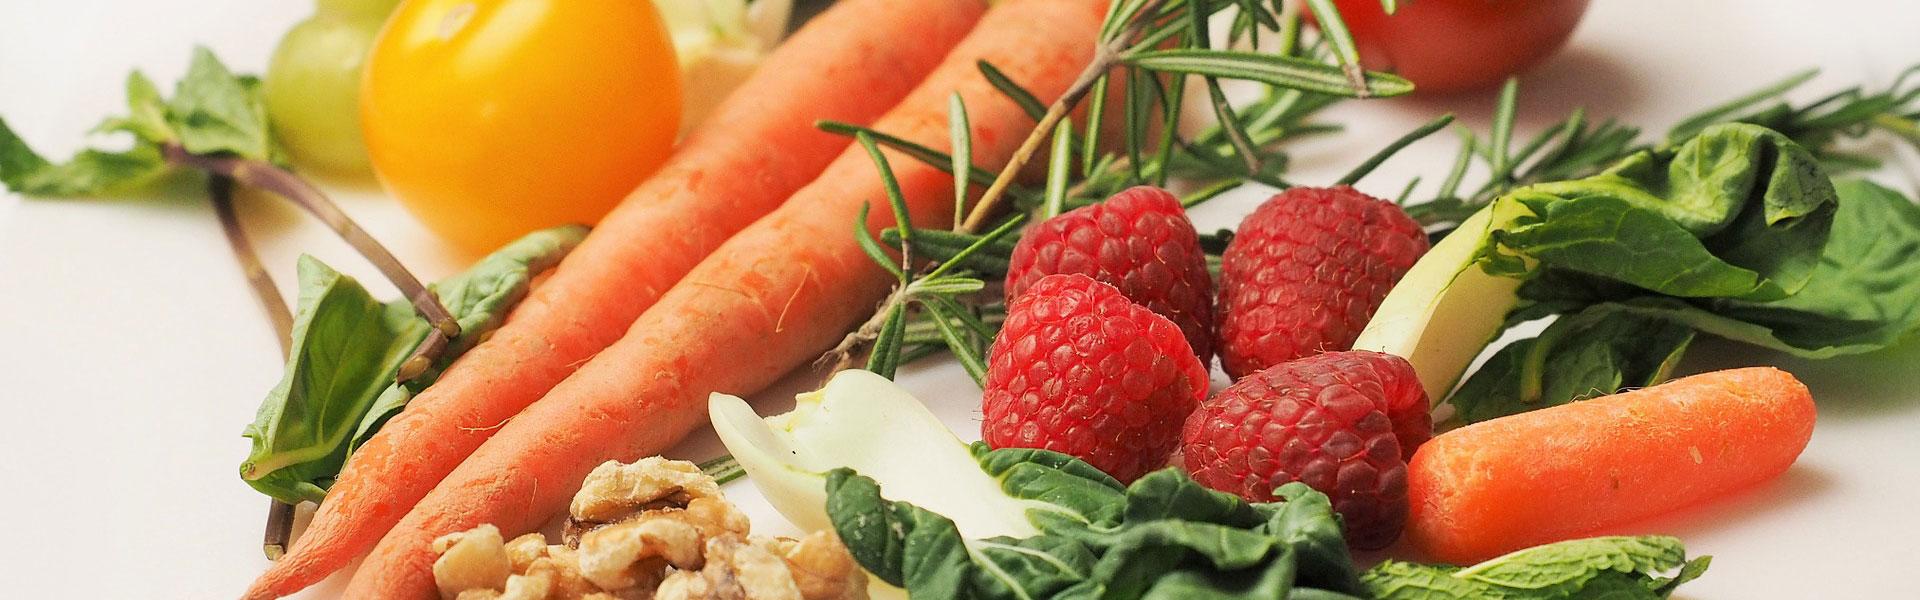 Gesundheit und Ernährung